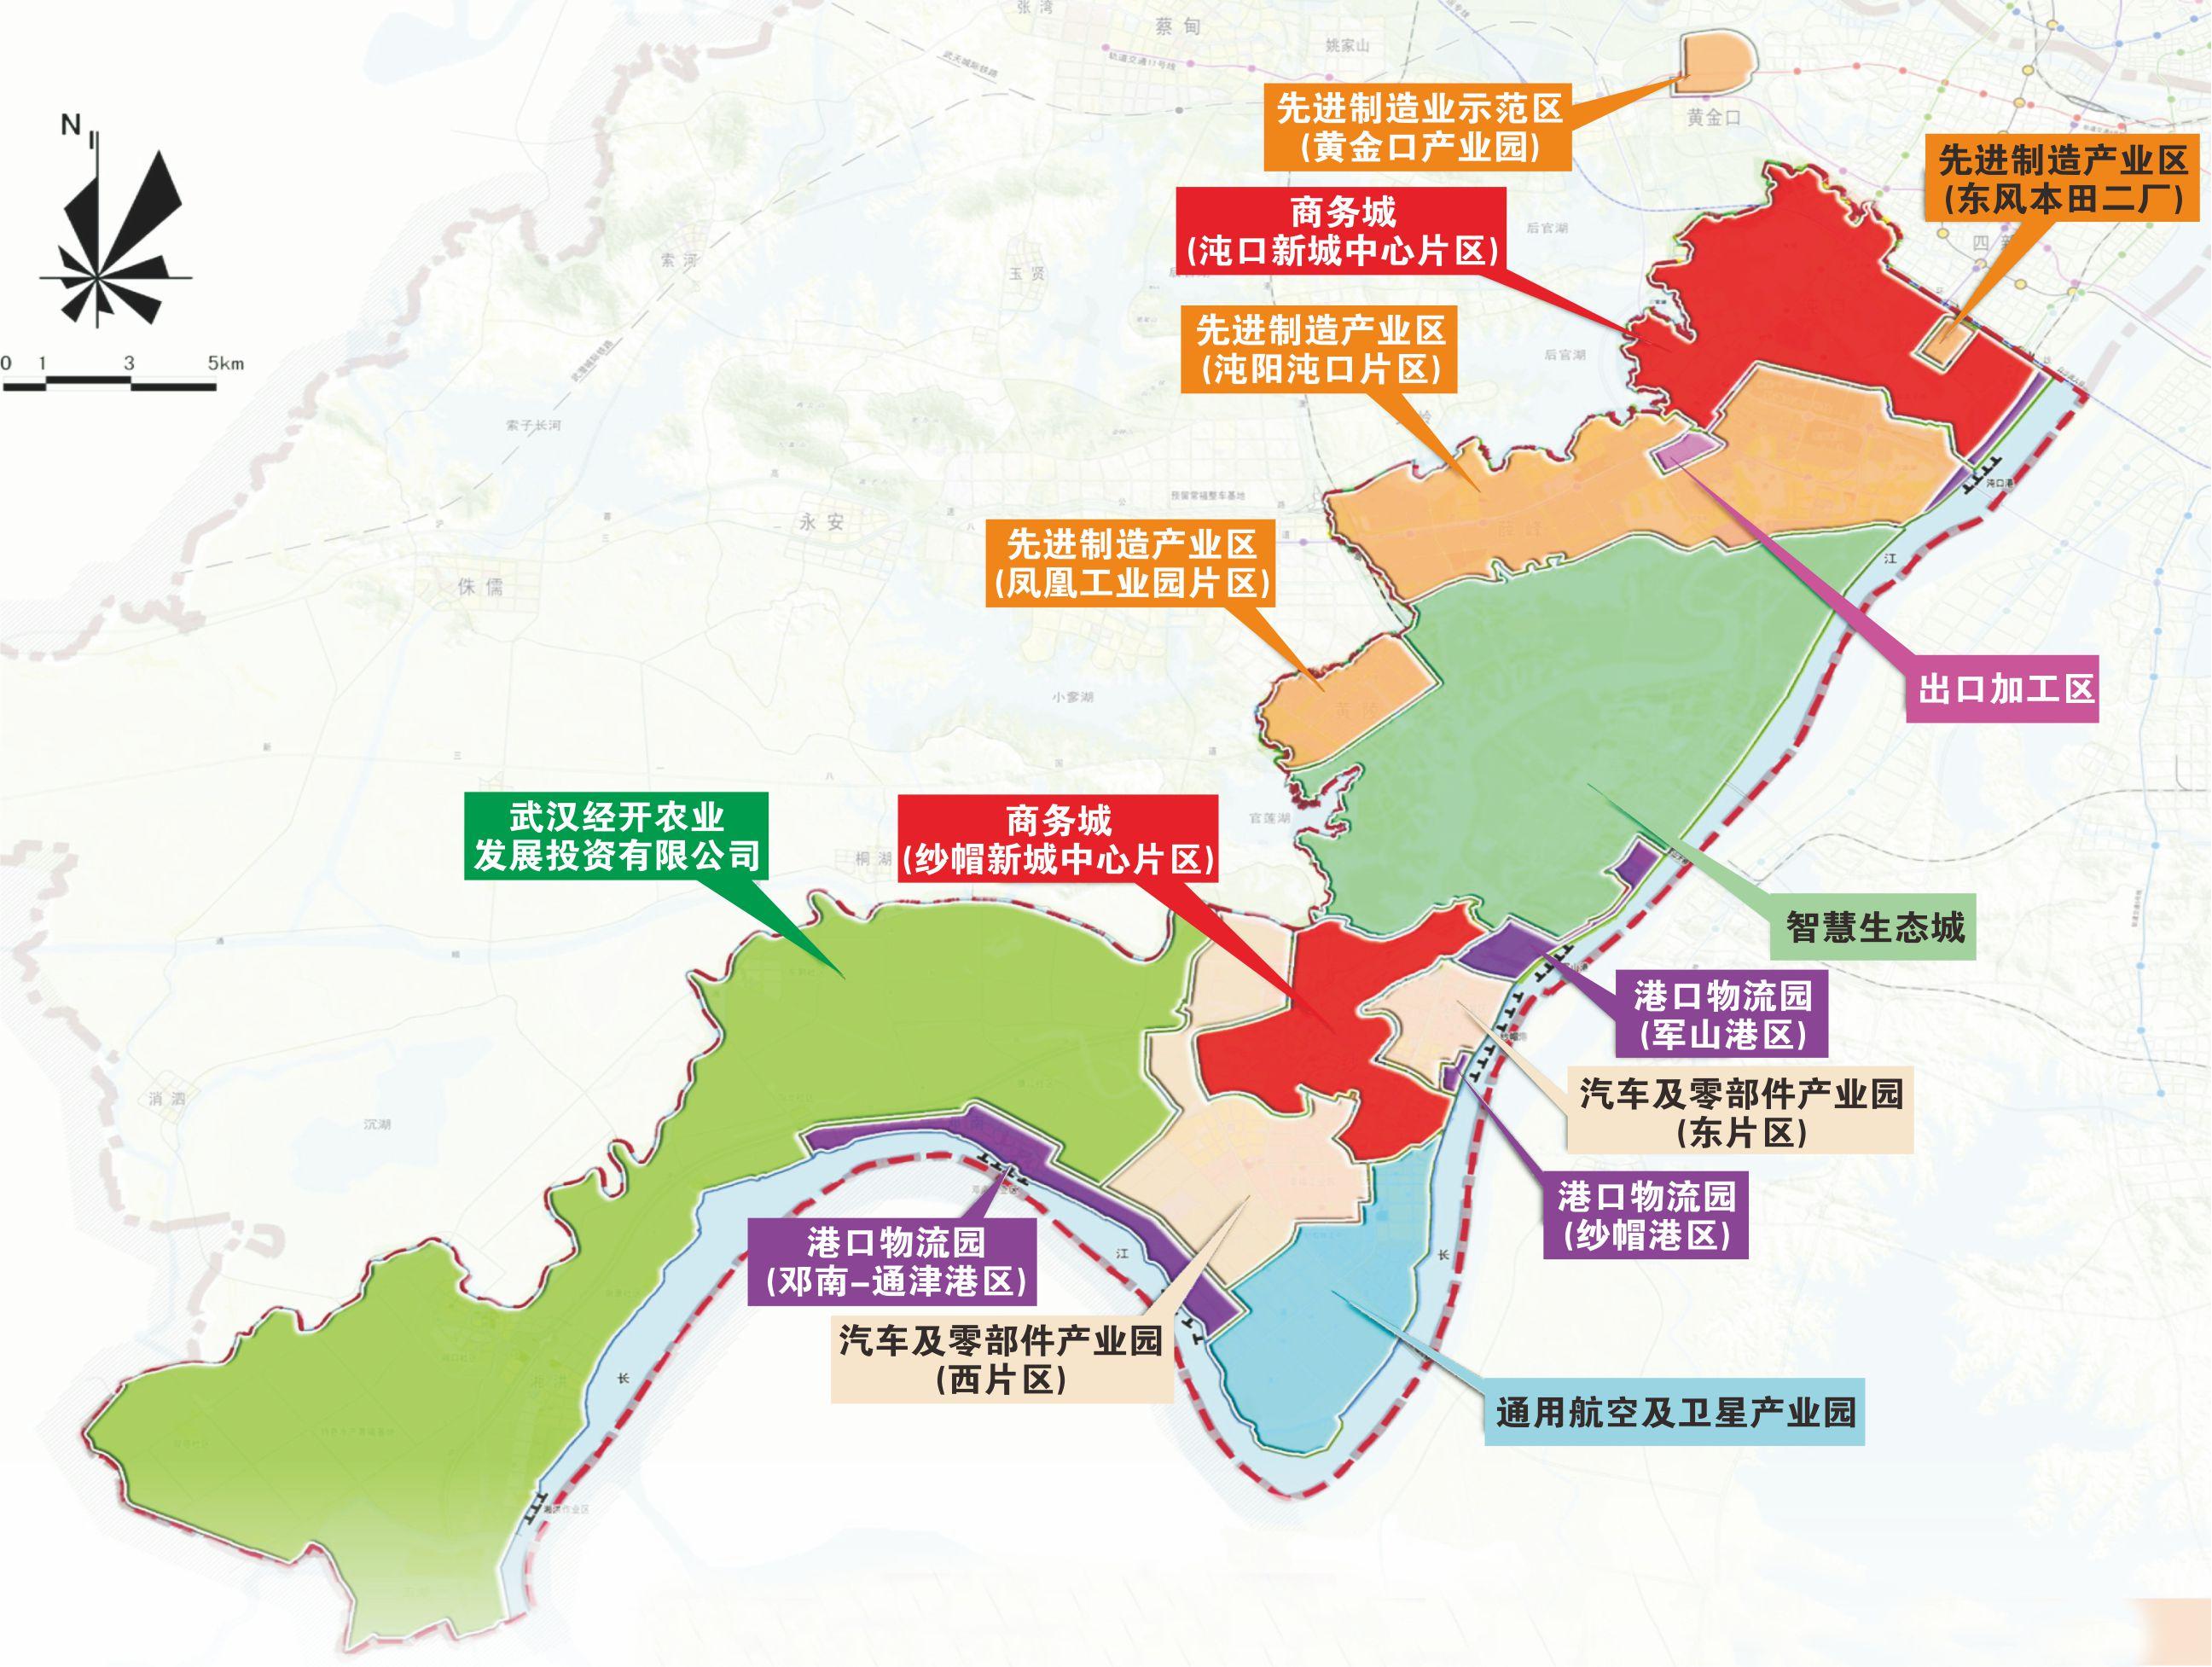 武汉开发区汽车零部件工业园规划图(图/武汉开发区官网)